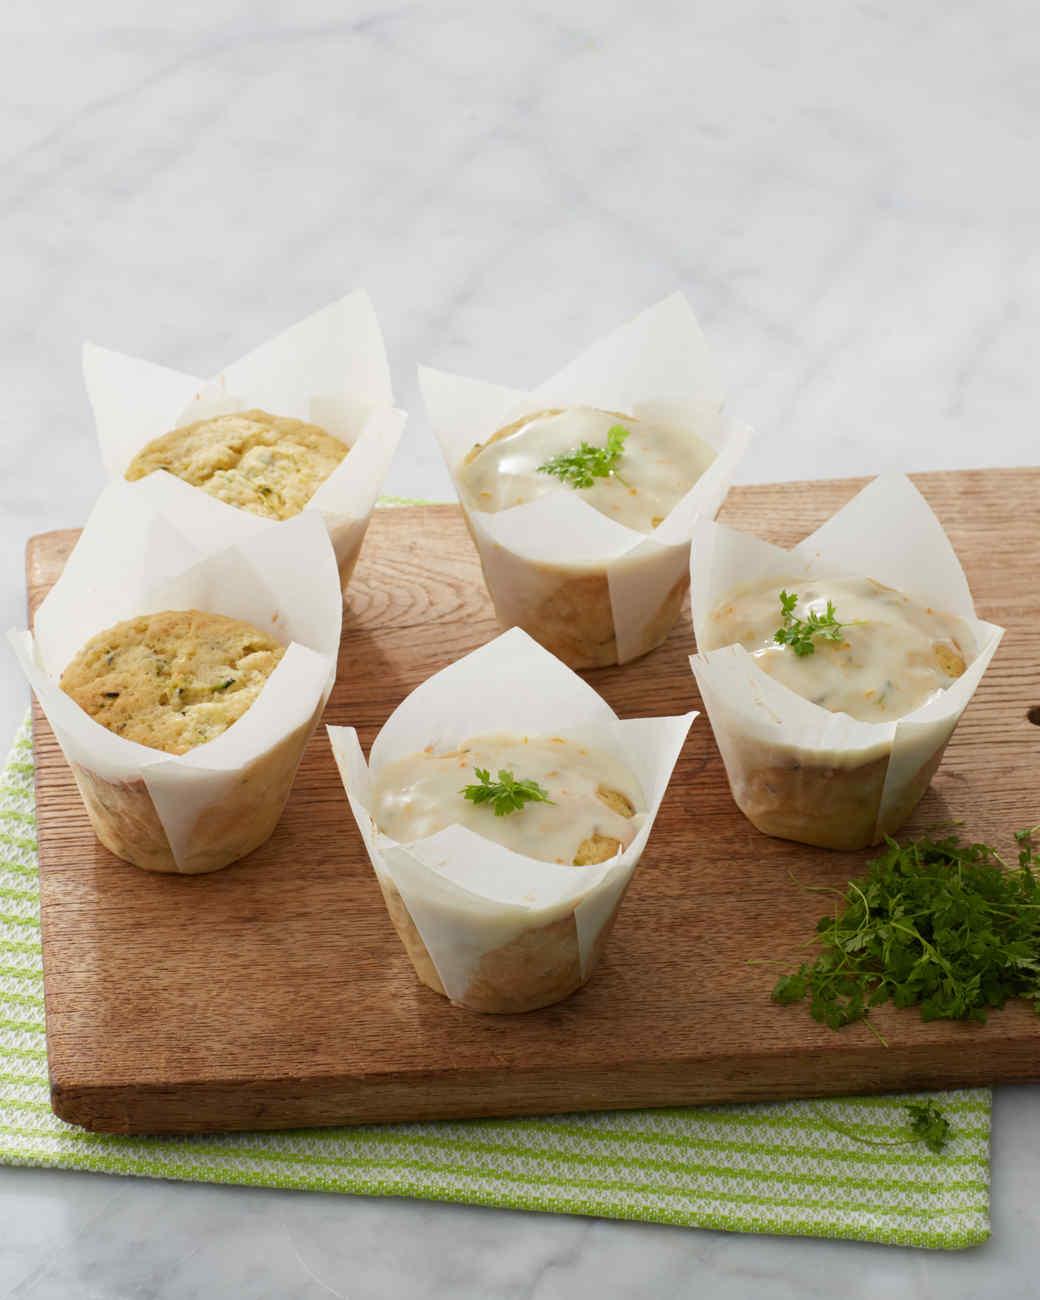 martha-bakes-zucchini-muffins-189-d110936-0614.jpg